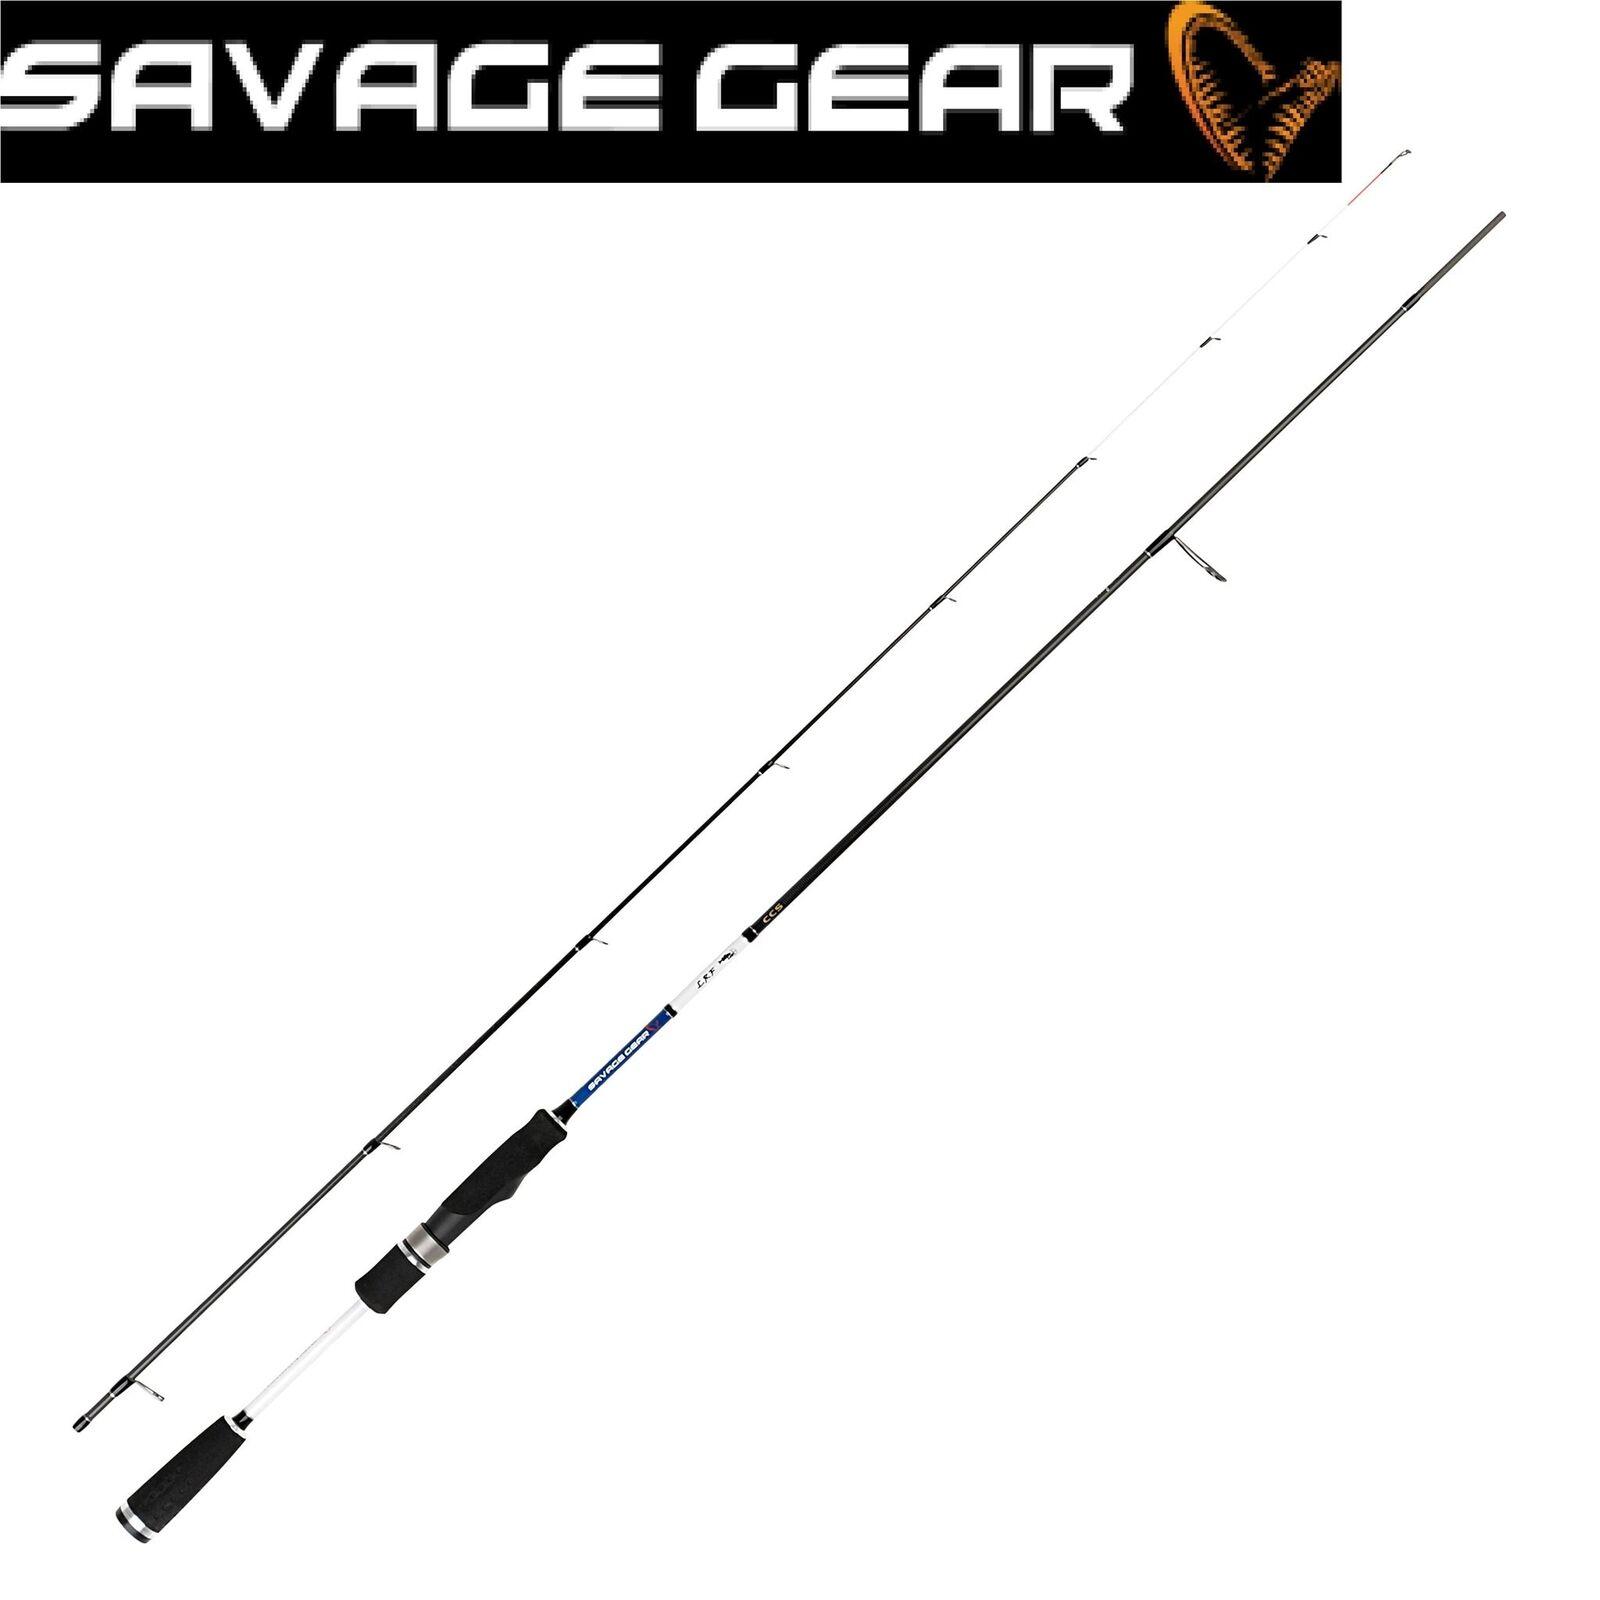 Savage Gear Lrf Ccs Pêche Spinning Canne 6' 15.2cm 198cm  8' 244cm Varié Dimensiones